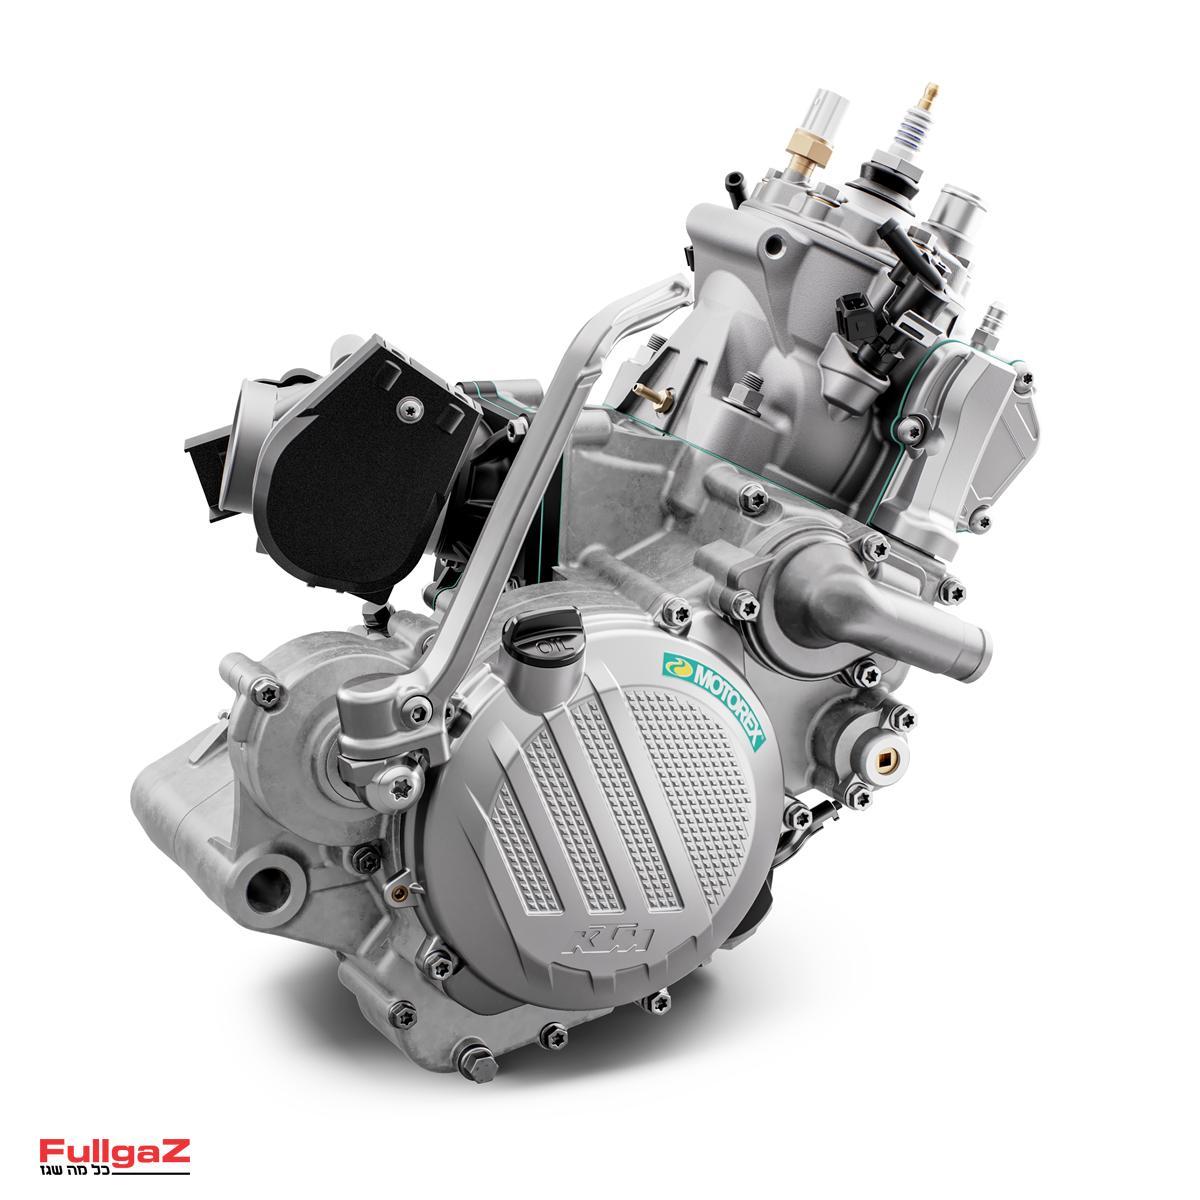 המנוע של ה-150EXC TPI החדש